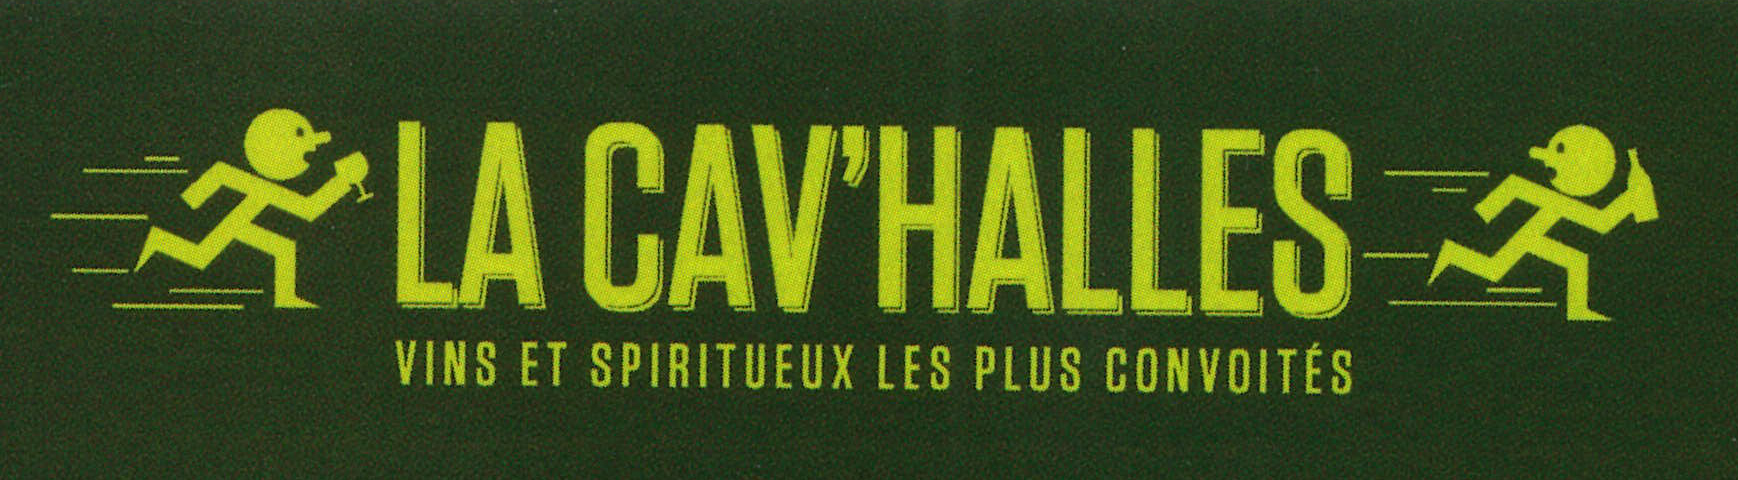 La Cav'halles